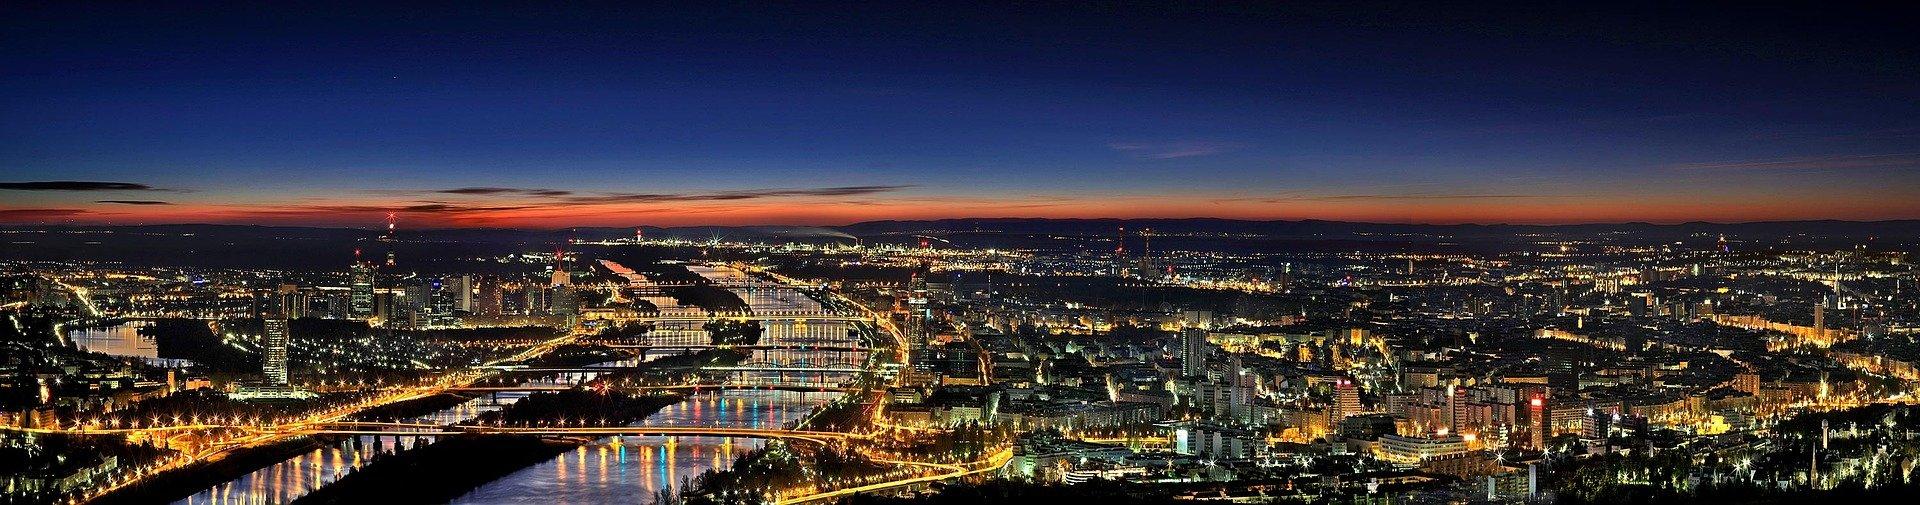 Wien hat insgesamt 65 Ziele in zwölf Bereichen der Nachhaltigkeit, Lebensqualität, Innovation und Ressourcenschonung festgelegt. Fotocredit: © Julius Silver/Pixabay